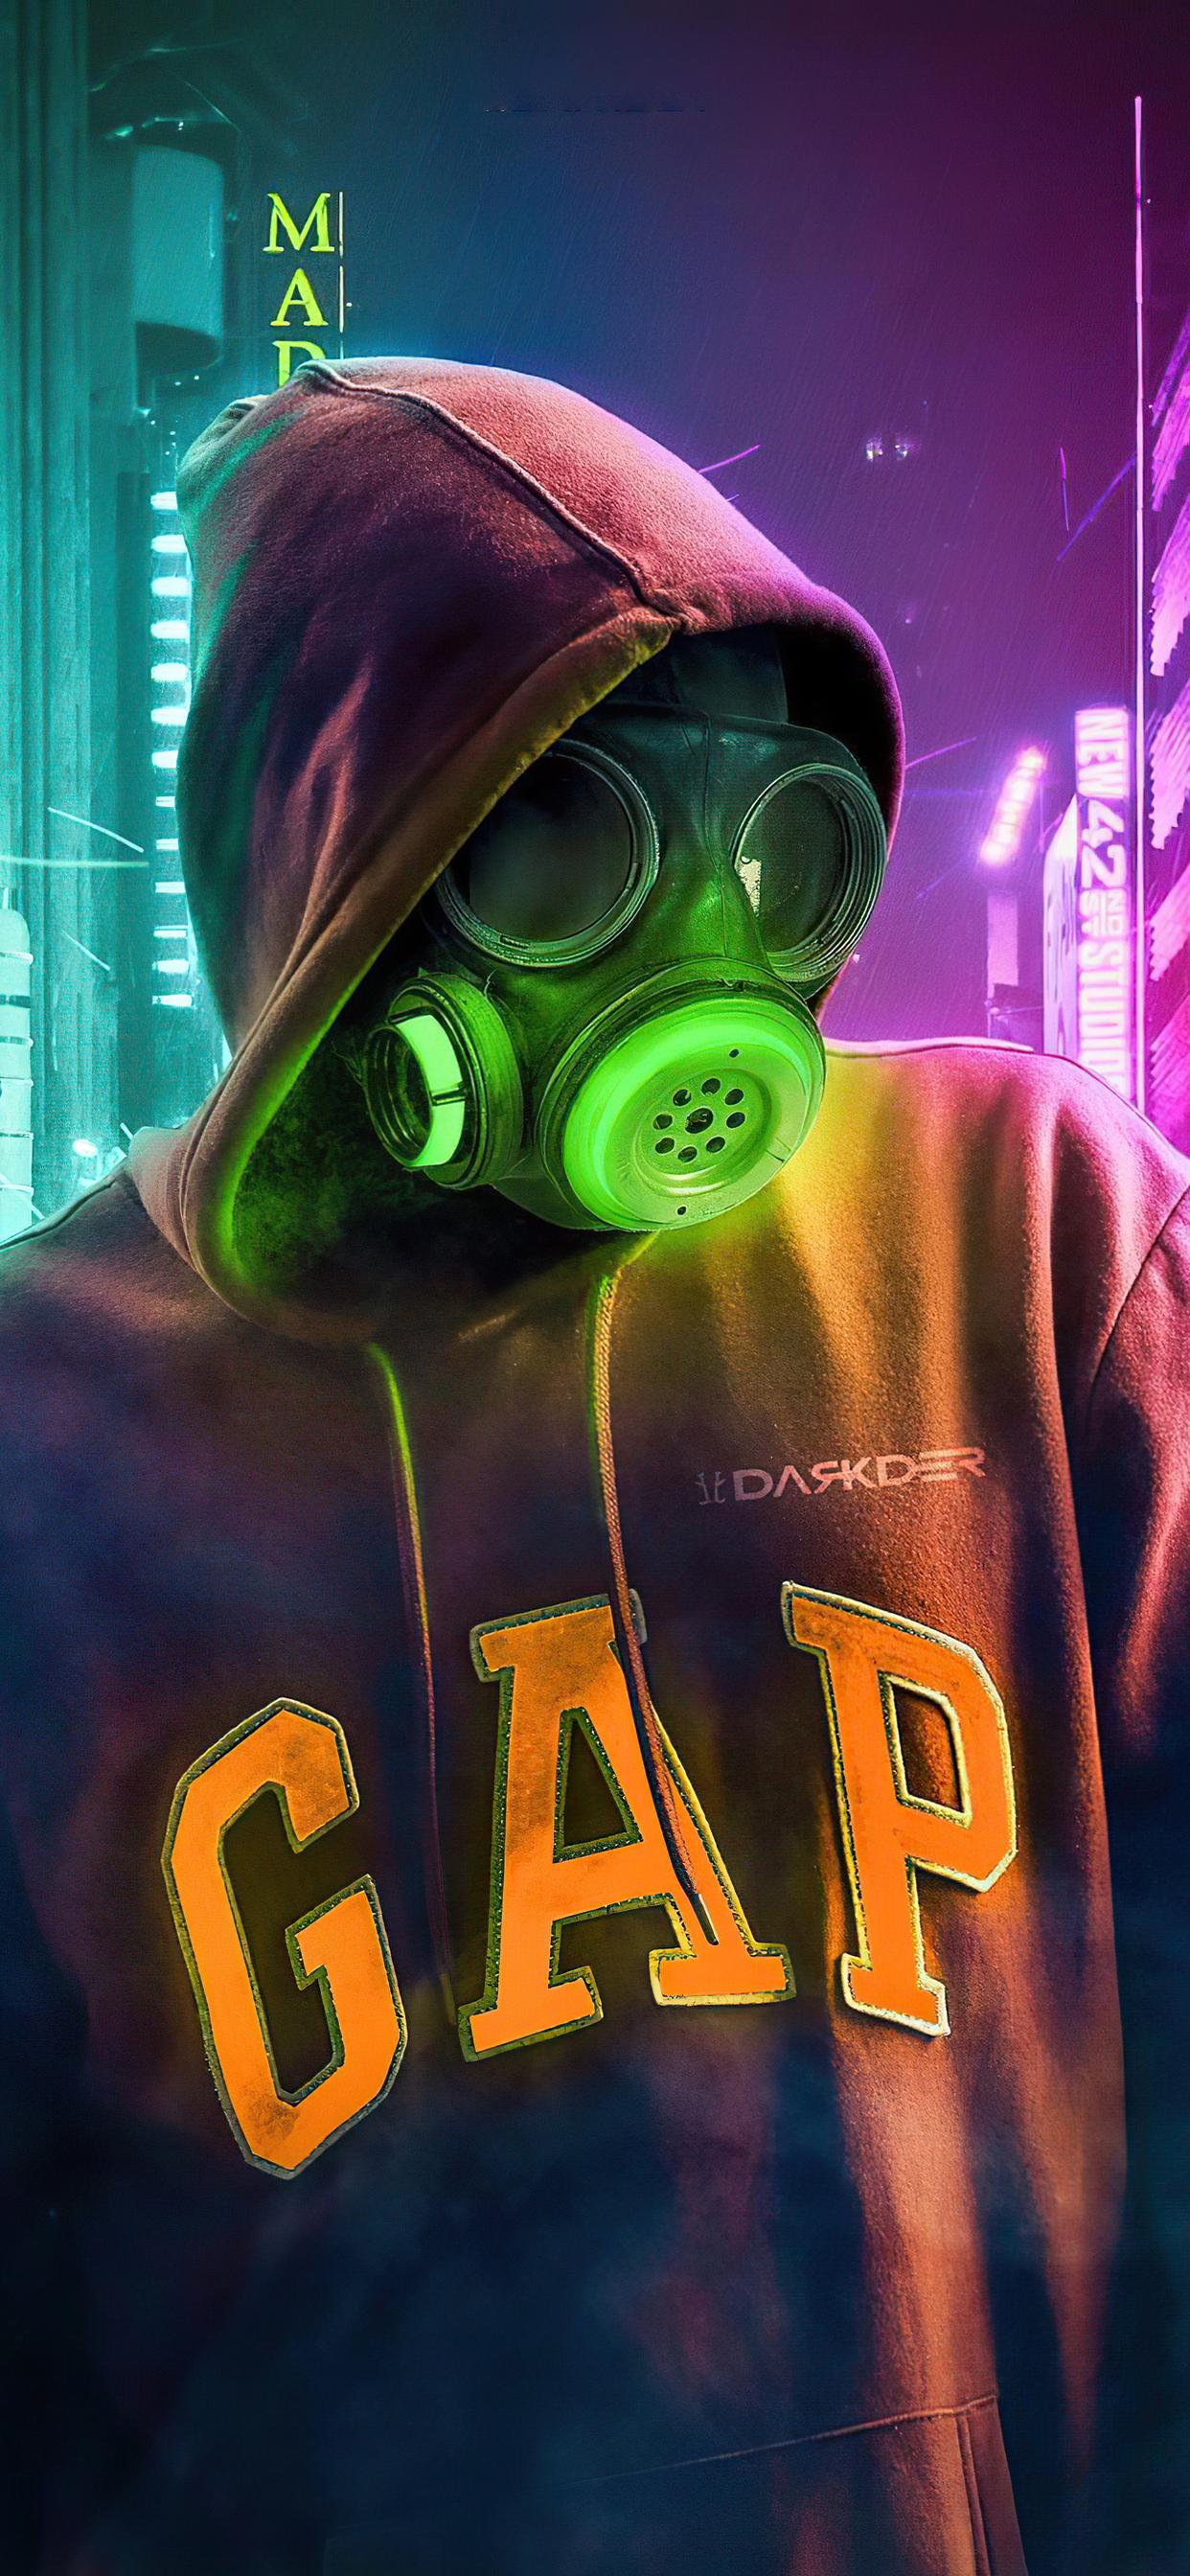 toxic-mask-hoodie-guy-4k-0h.jpg